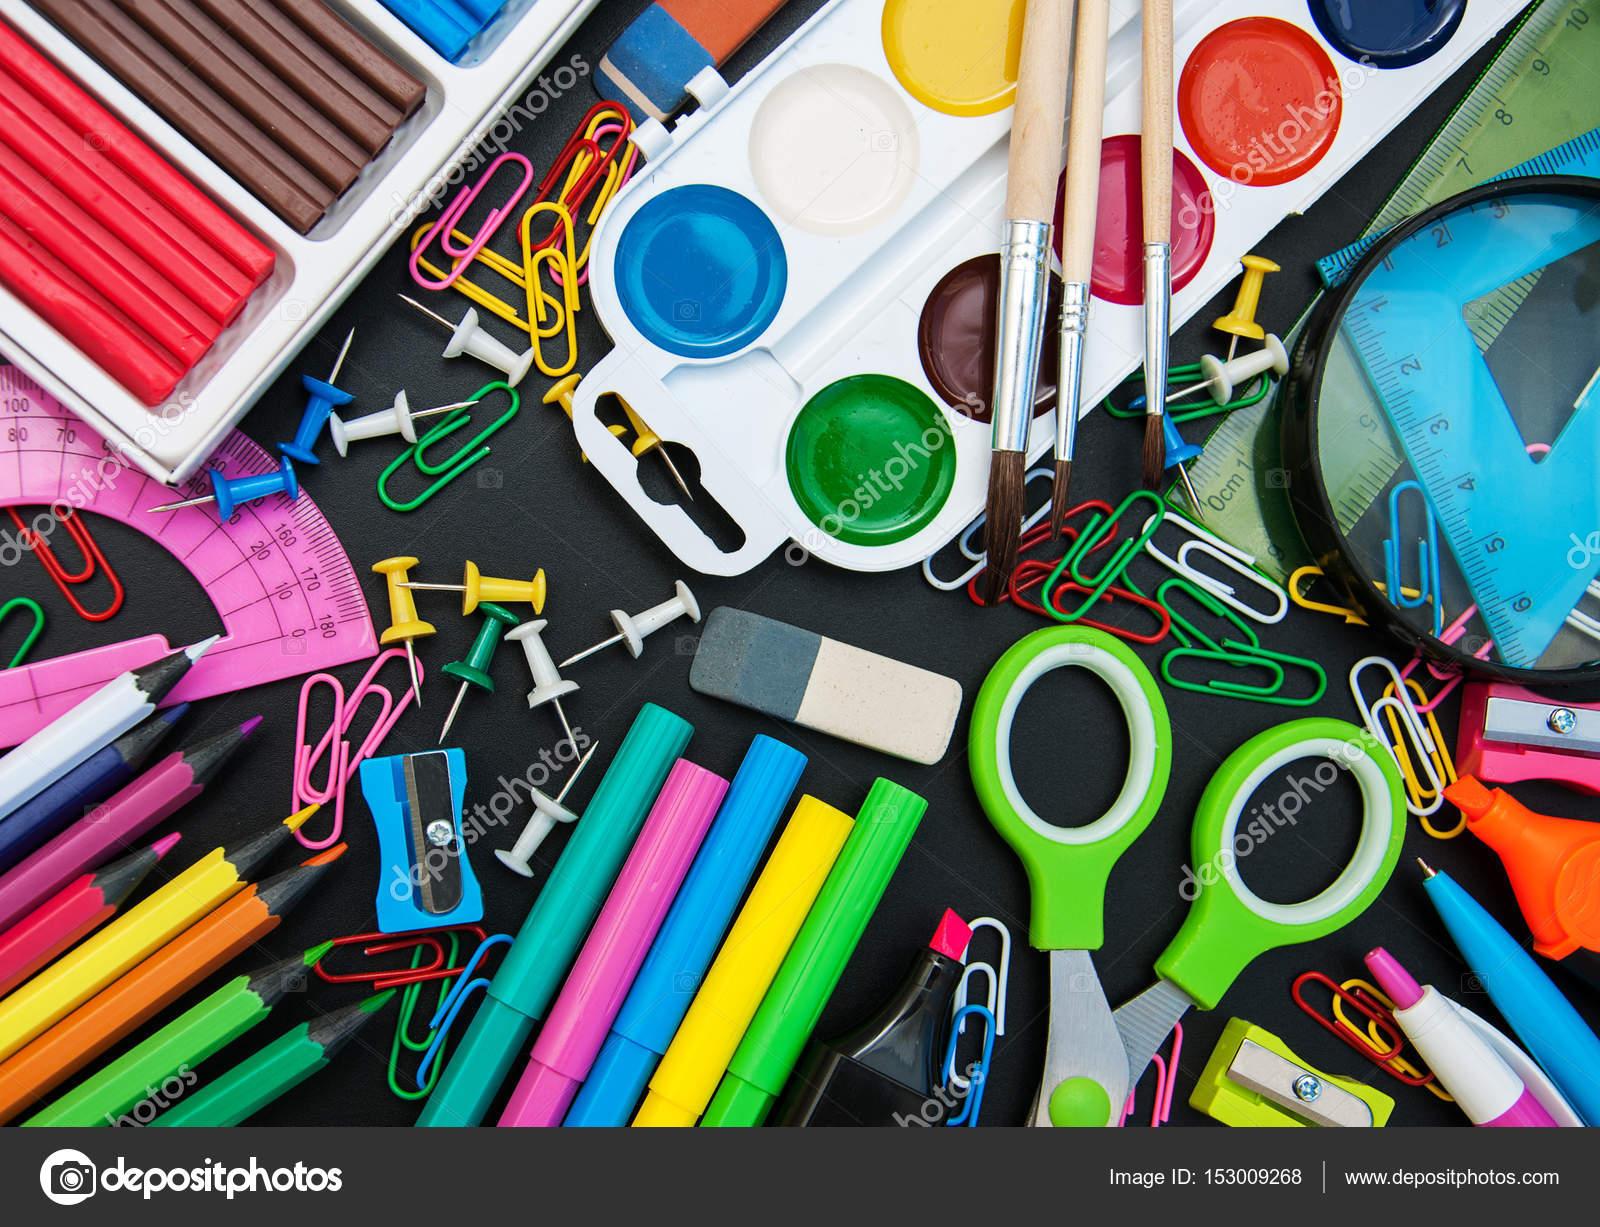 Fournitures de bureau scolaire u2014 photographie almaje © #153009268